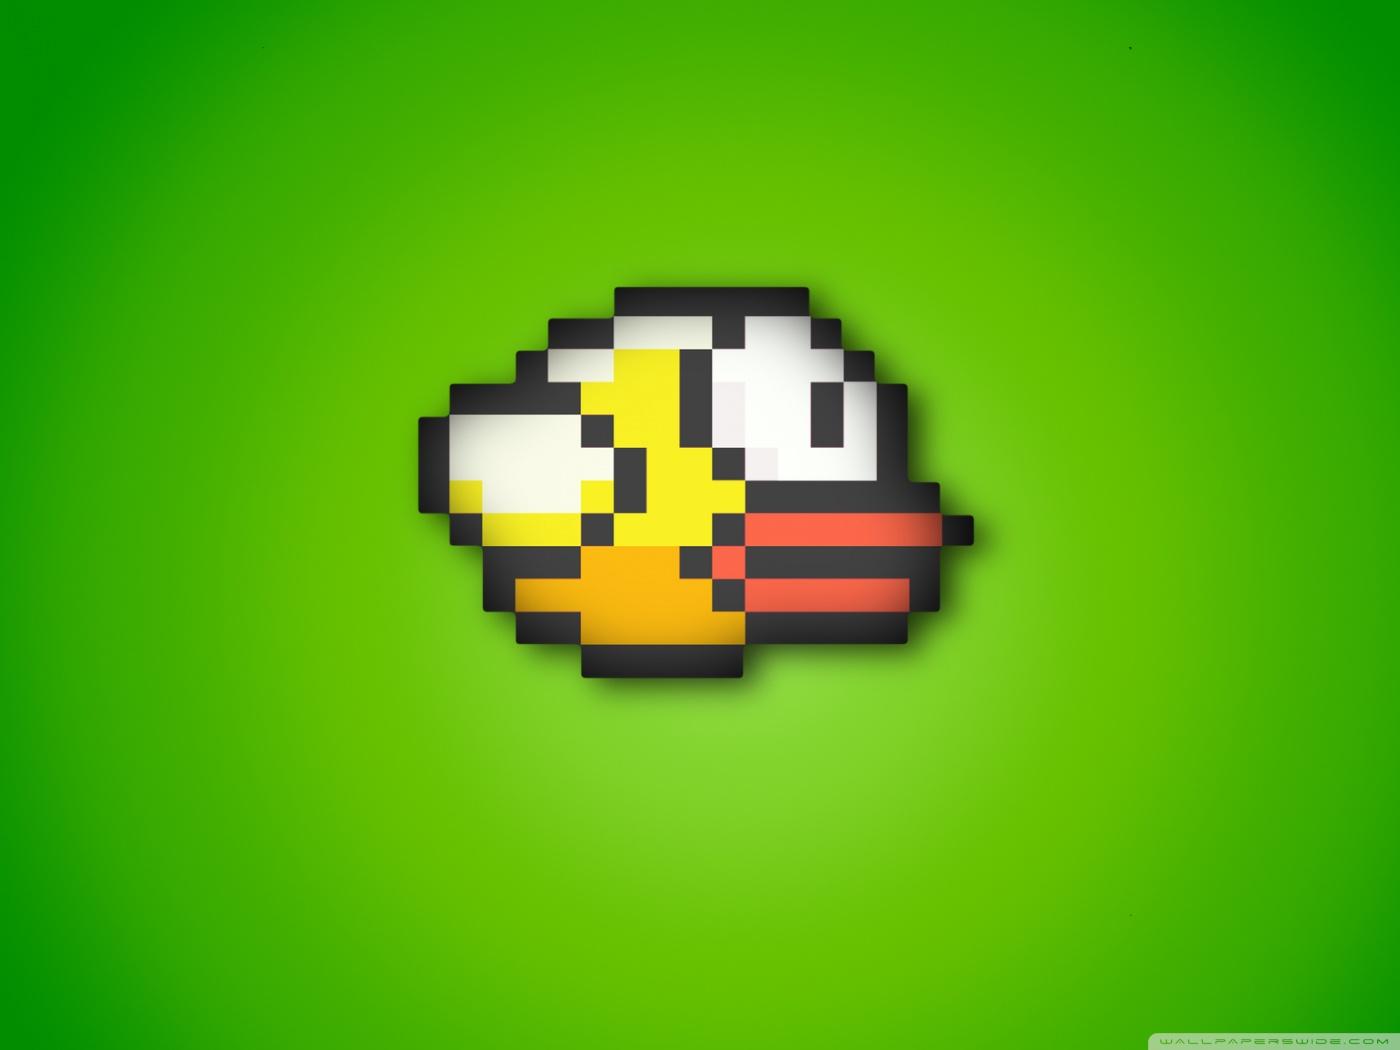 Flappy Bird Wallpaper